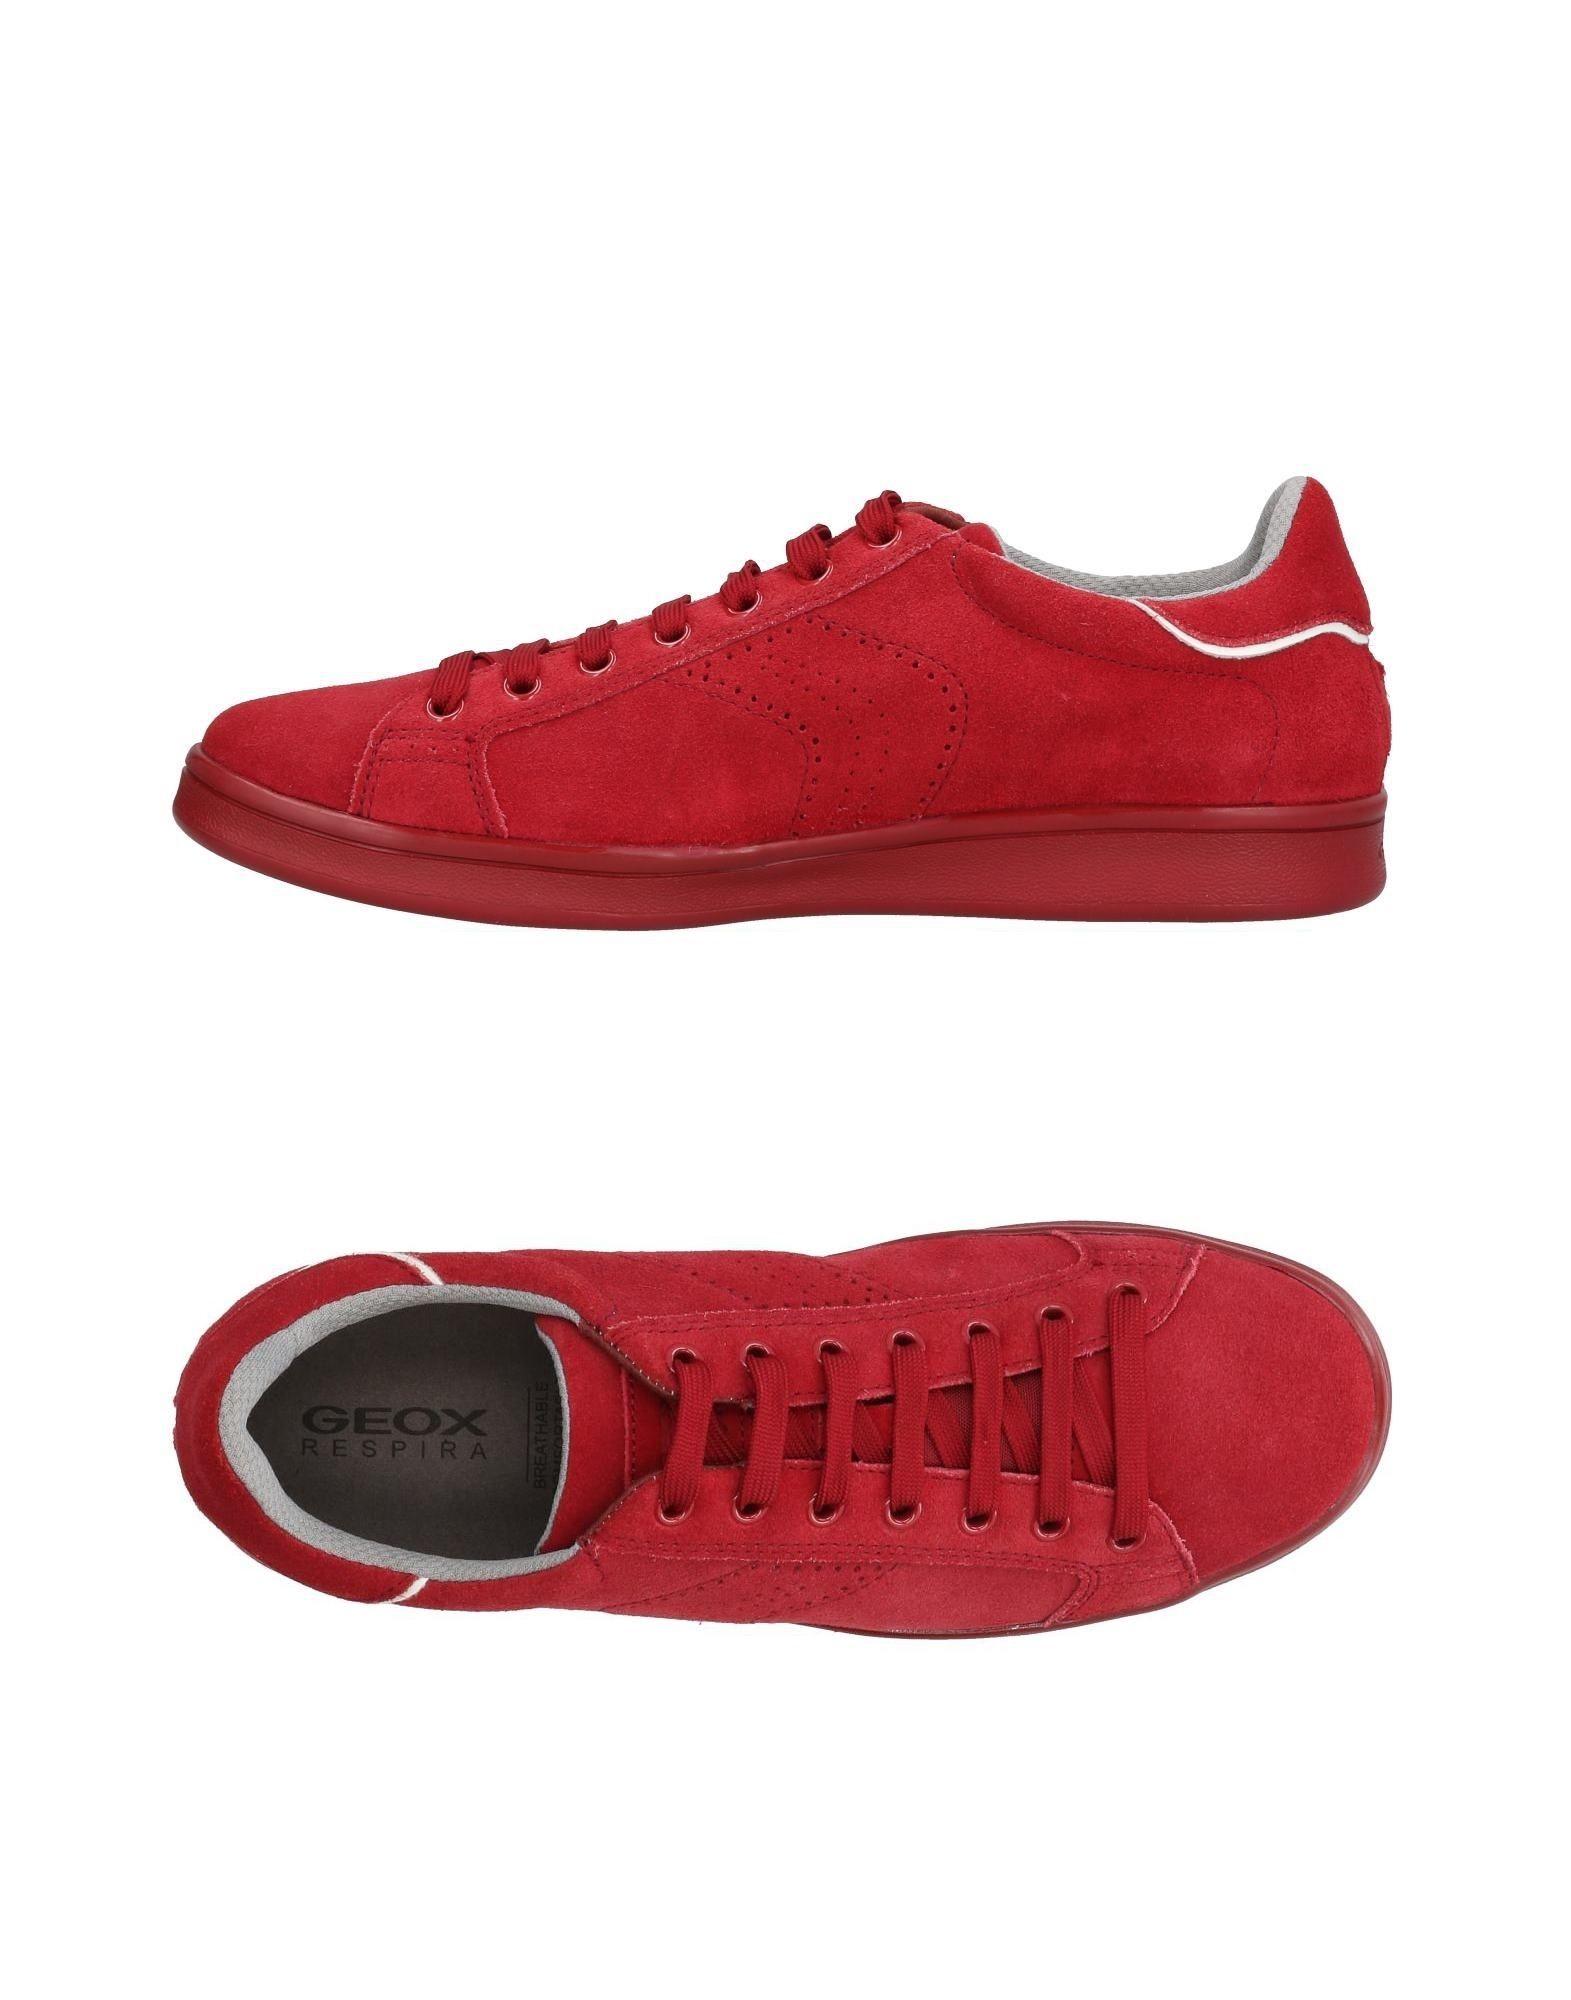 Geox Sneakers online - Men Geox Sneakers online Sneakers on  Canada - 11442511UH 2f32e0